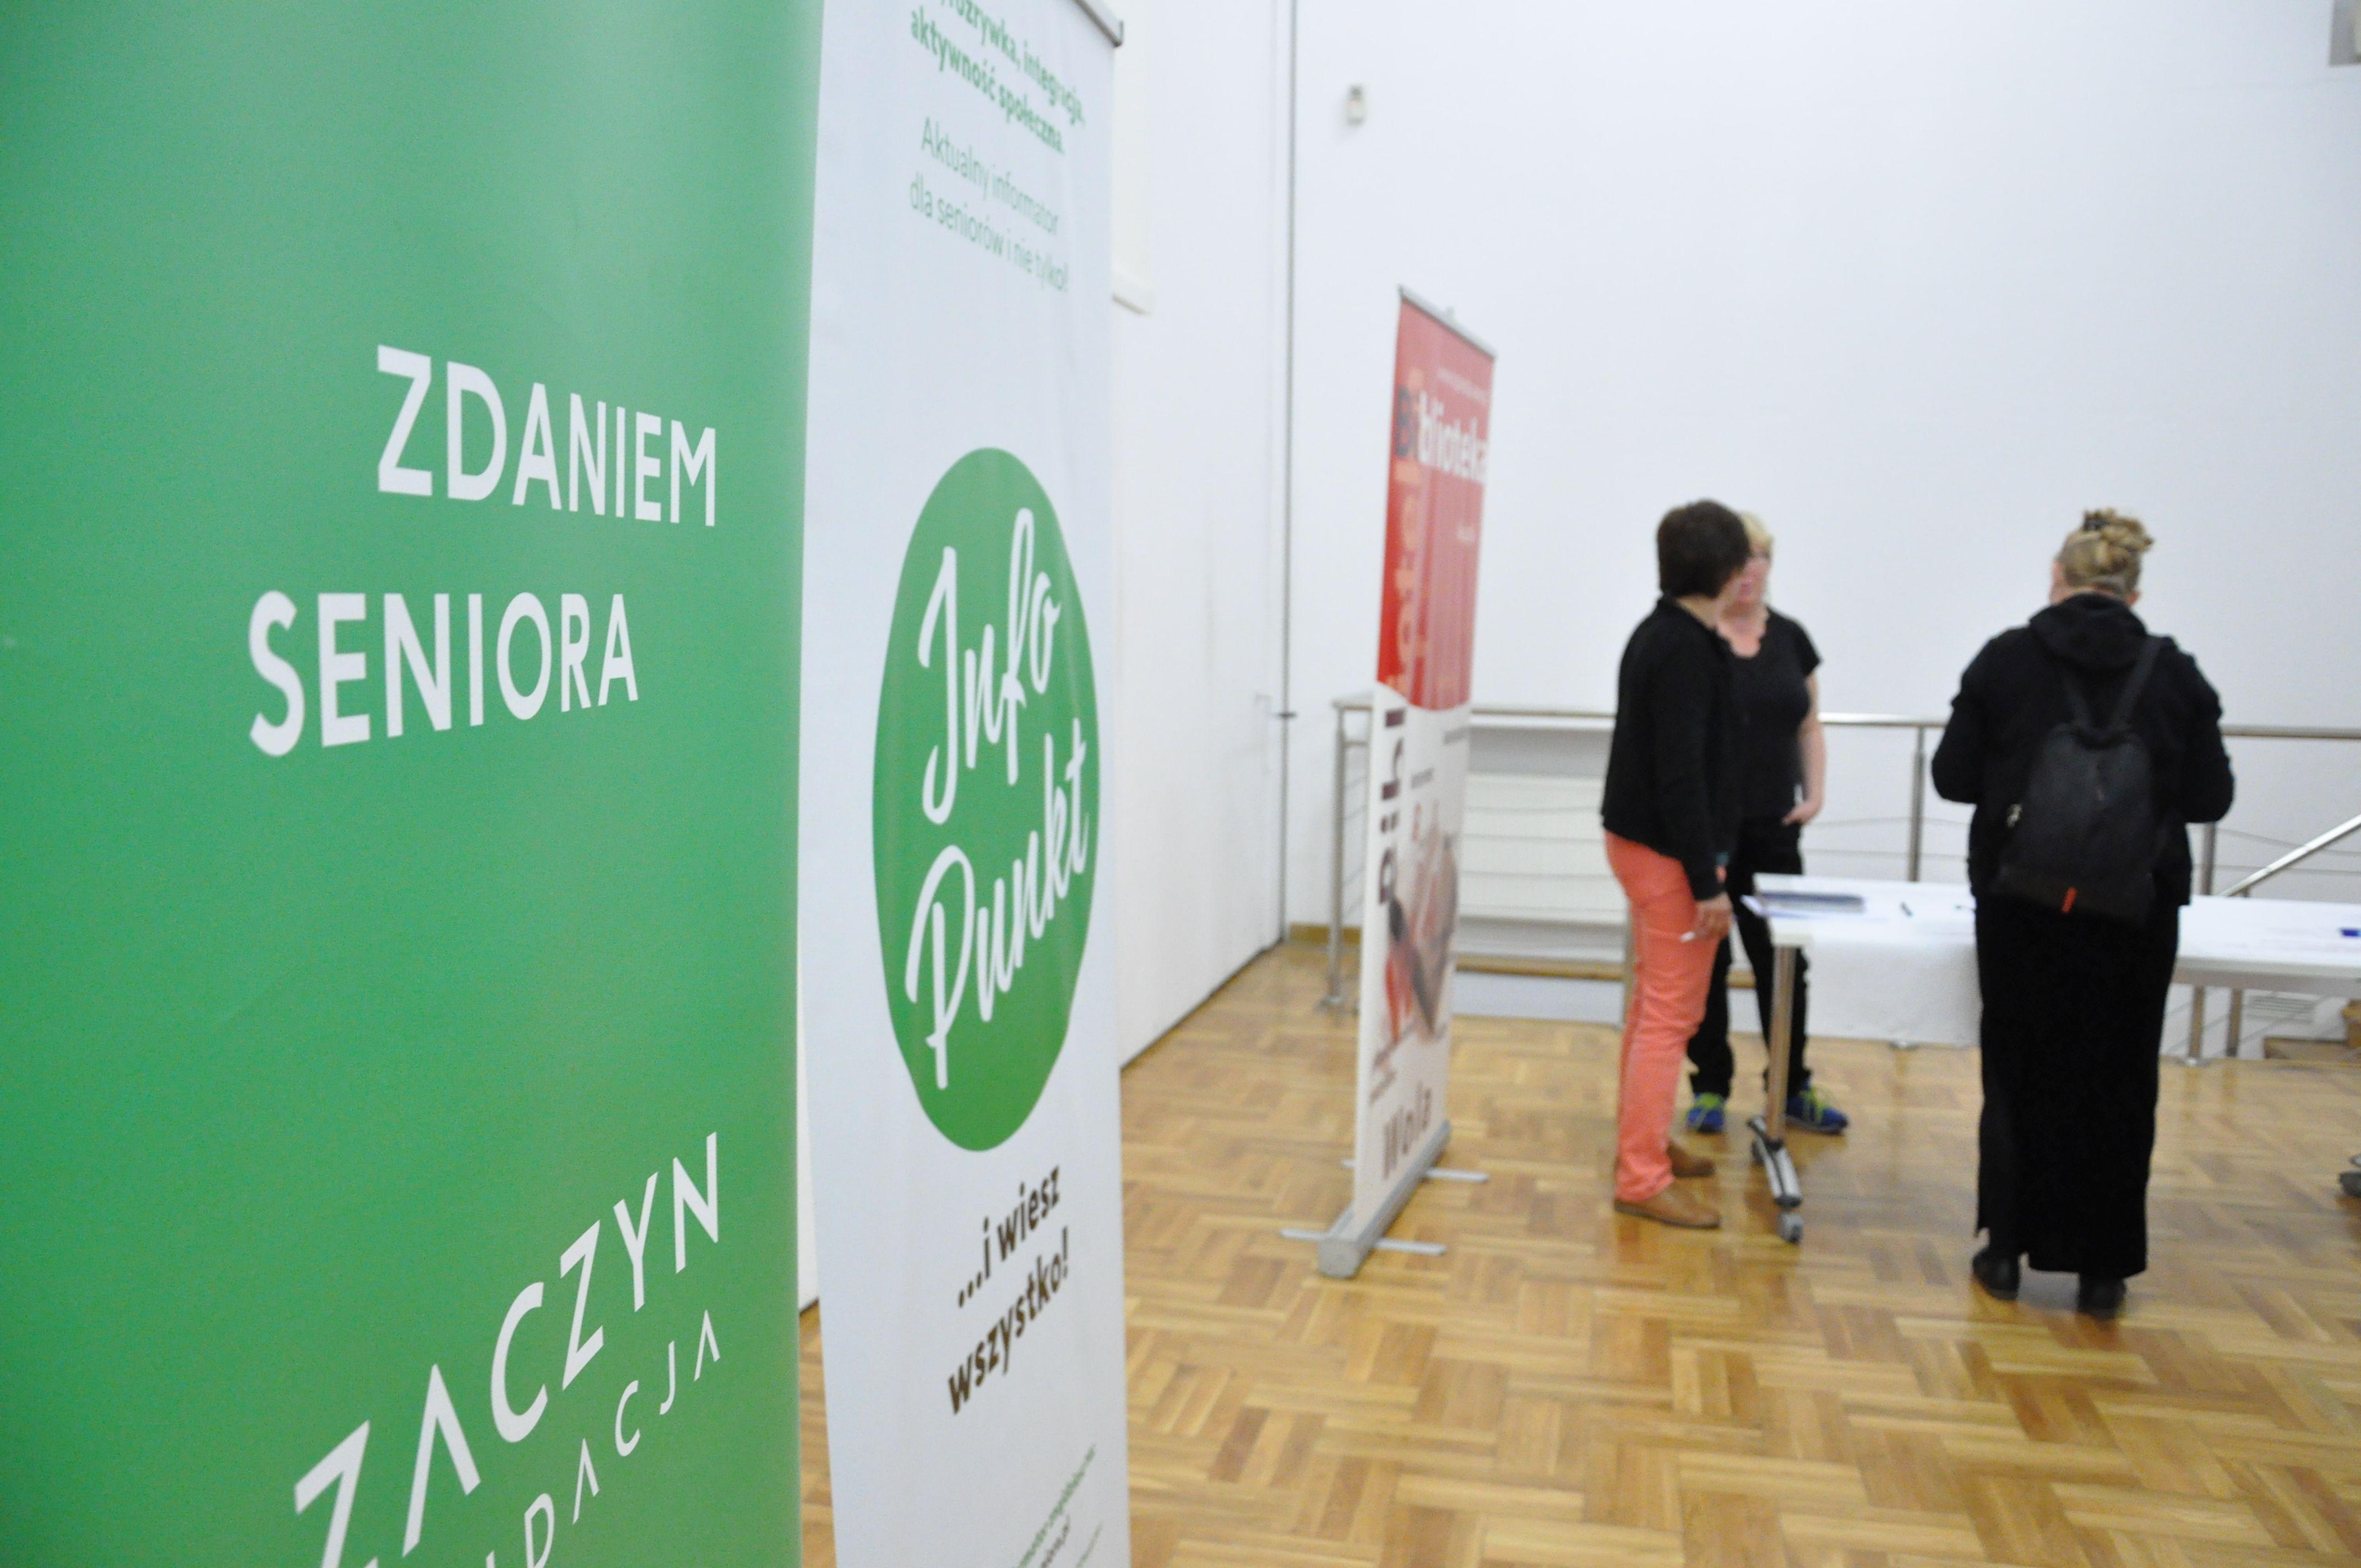 Mapowanie miejsc kultury-Zachęta-Fundacja ZACZYN (32)